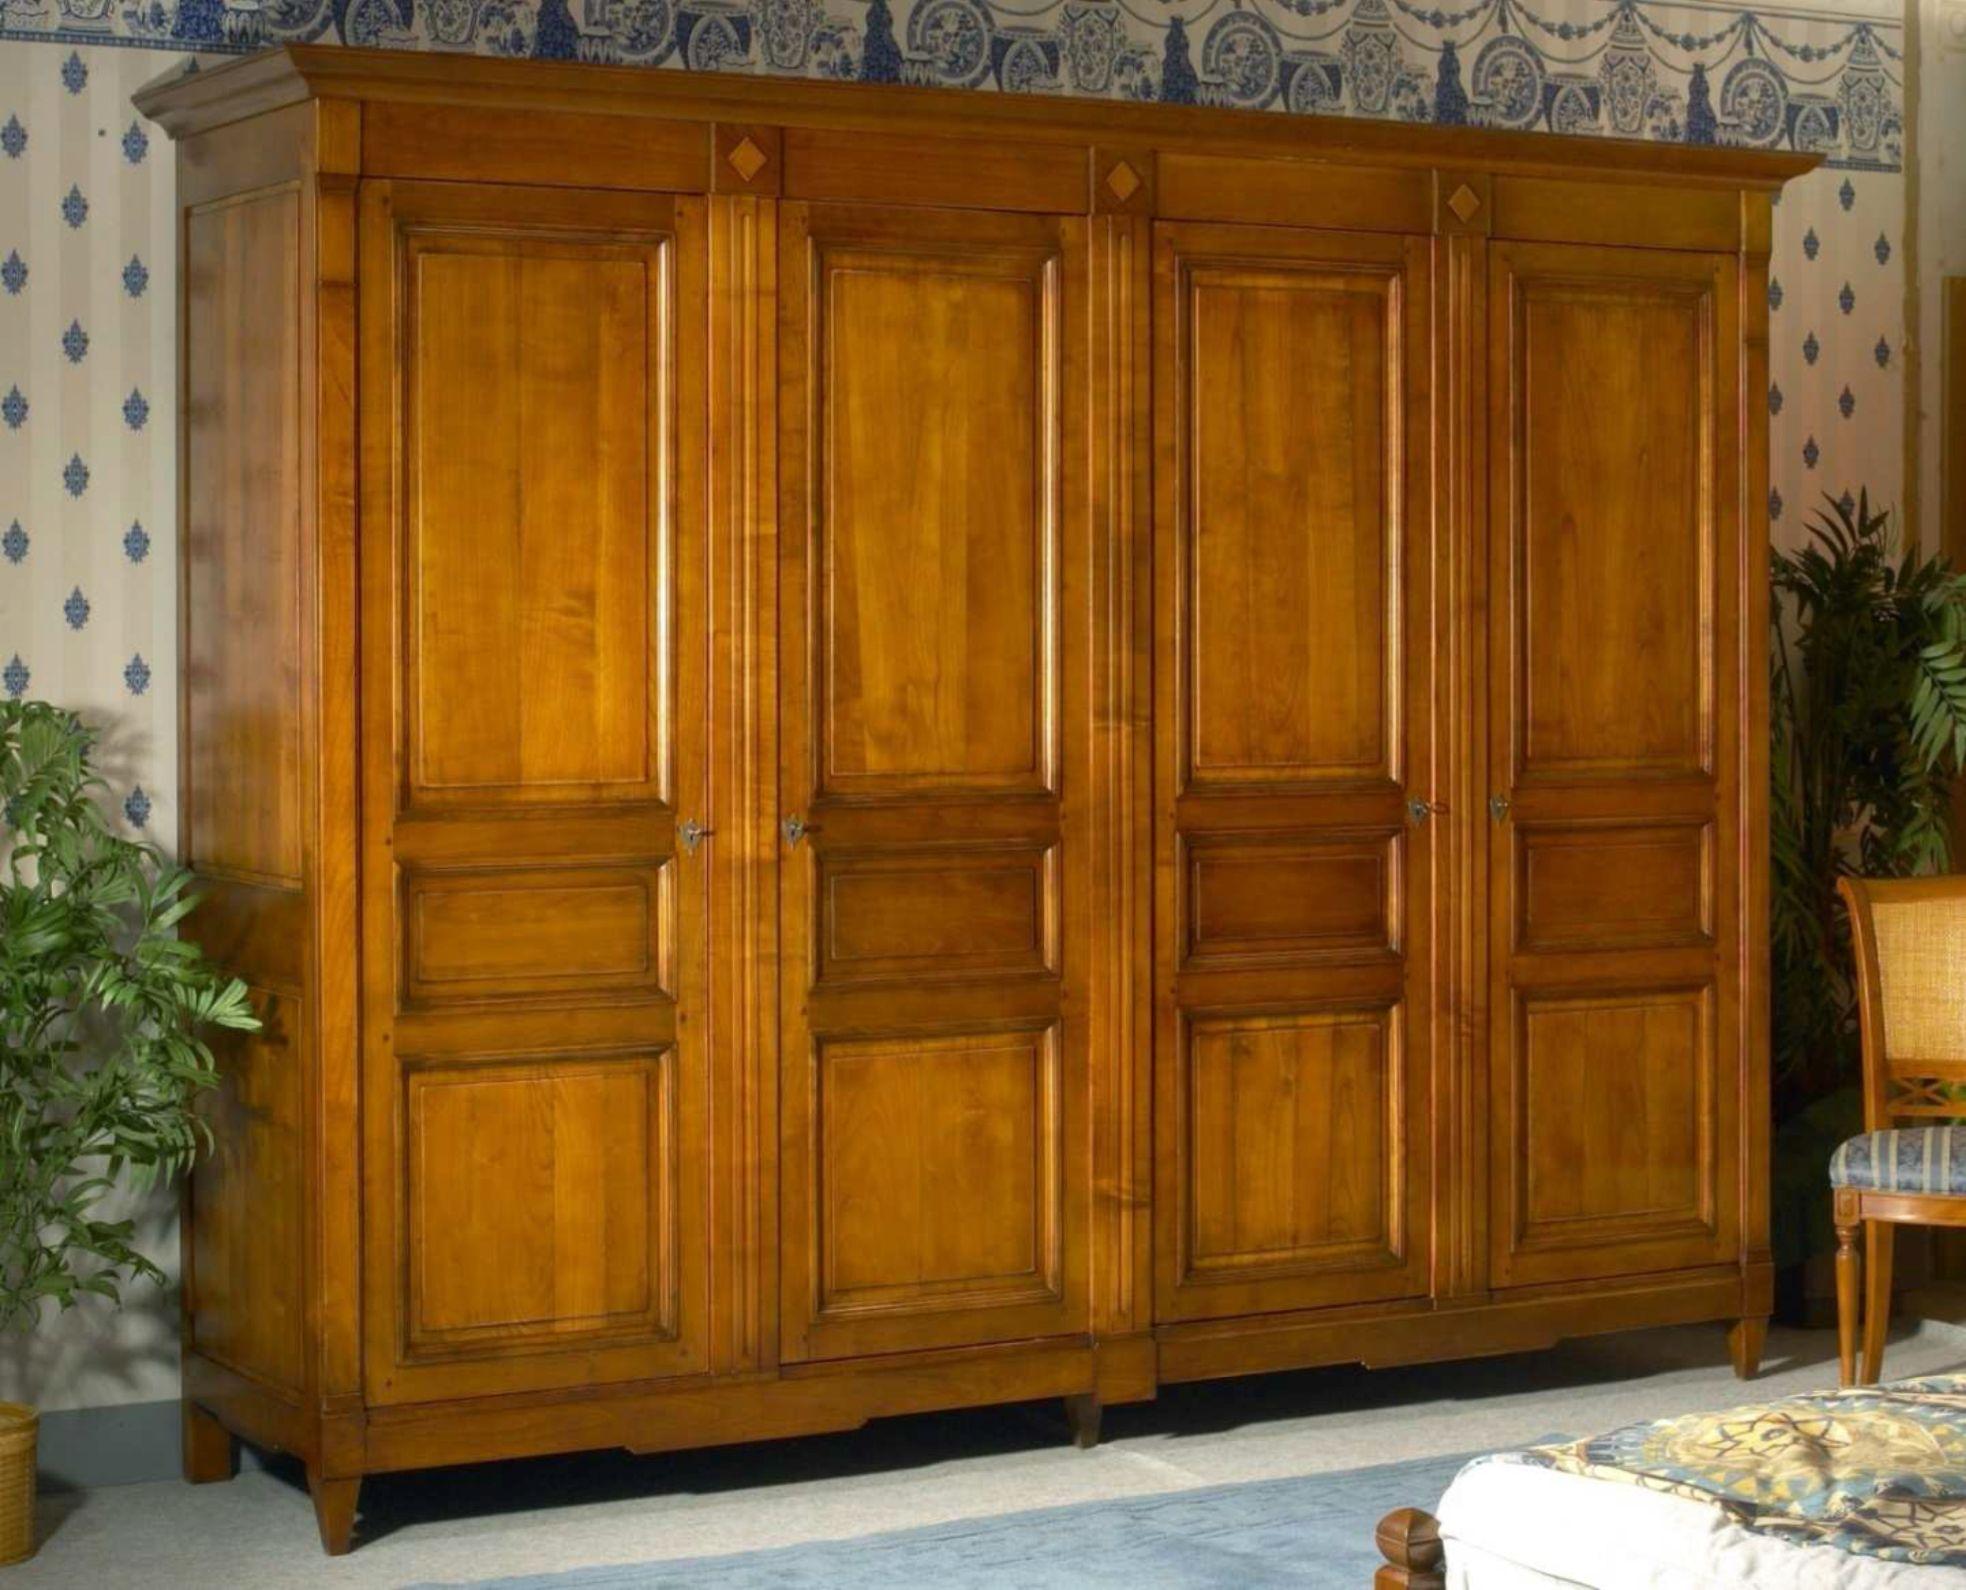 armoire 4 portes style directoire meubles richelieu armoires meubles richelieu. Black Bedroom Furniture Sets. Home Design Ideas